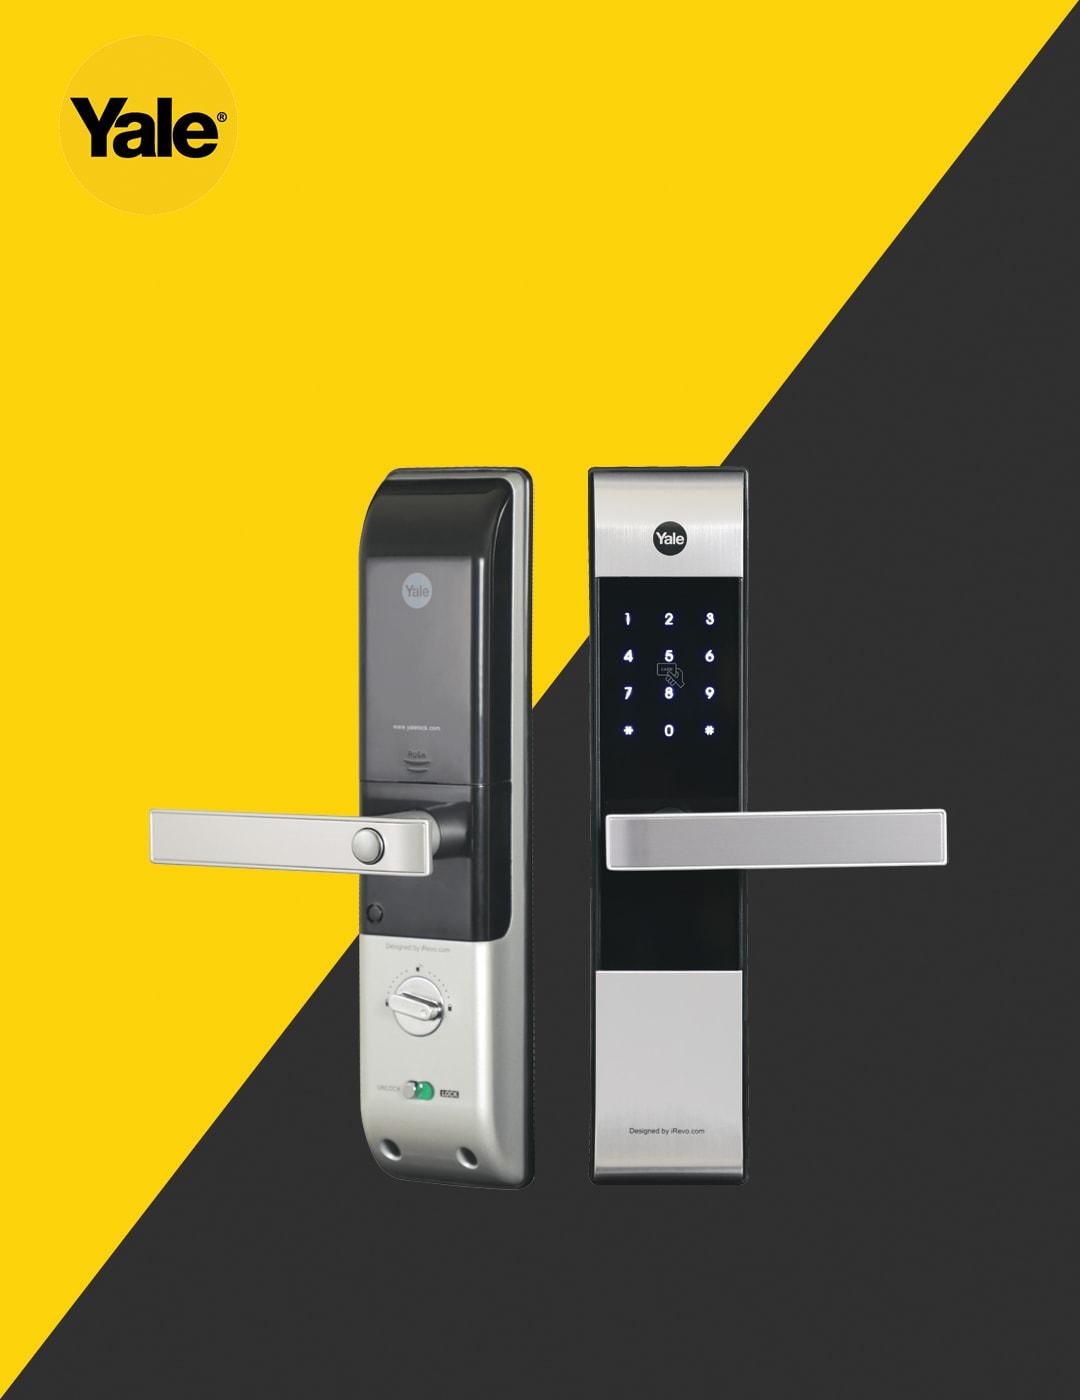 قفل دیجیتال یال ydm3109